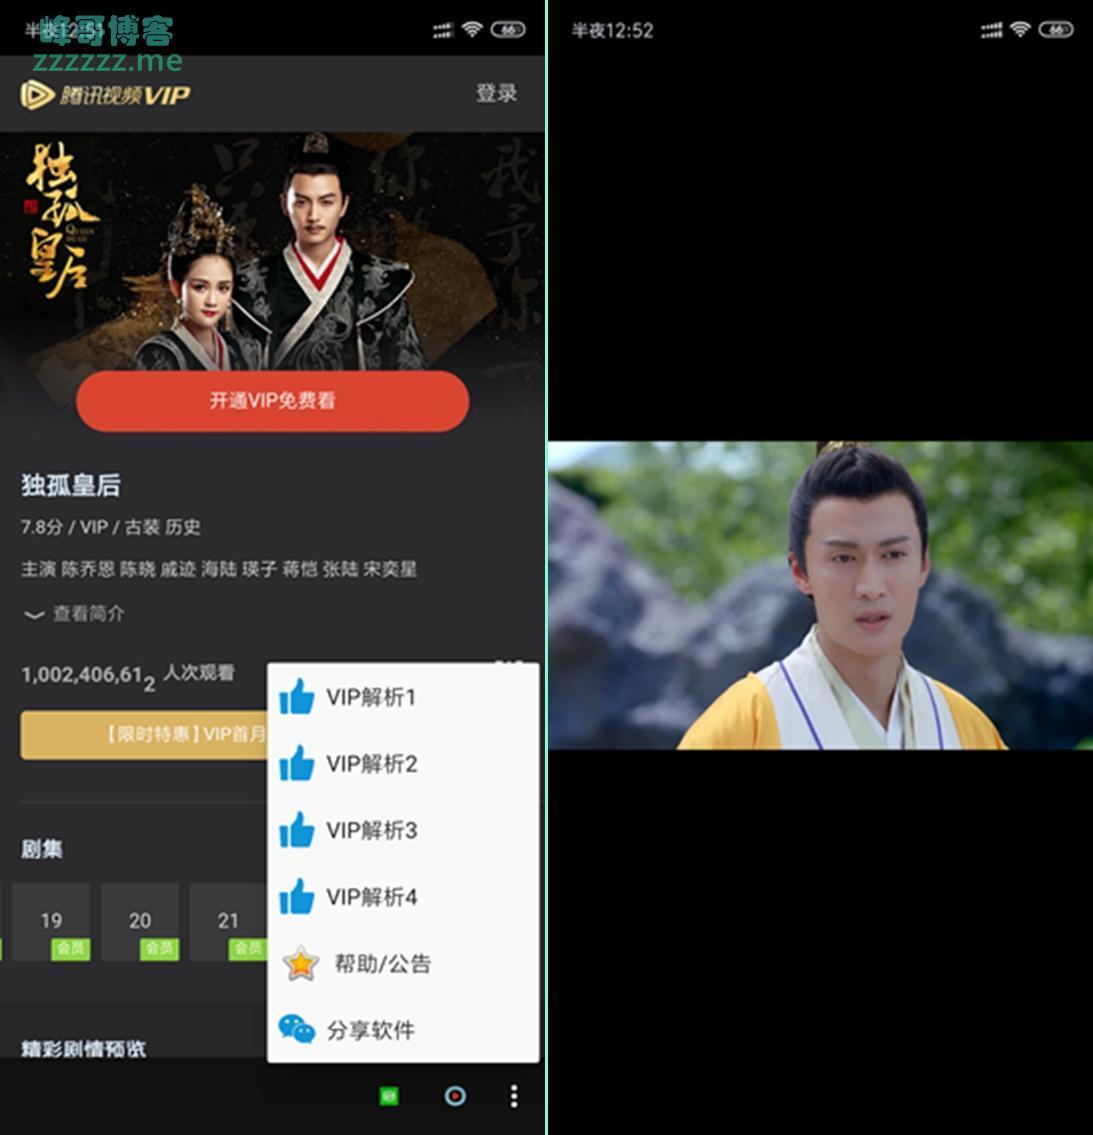 安卓酷6视频V1.41 免VIP会员看优酷、腾讯、爱奇艺VIP付费视频!